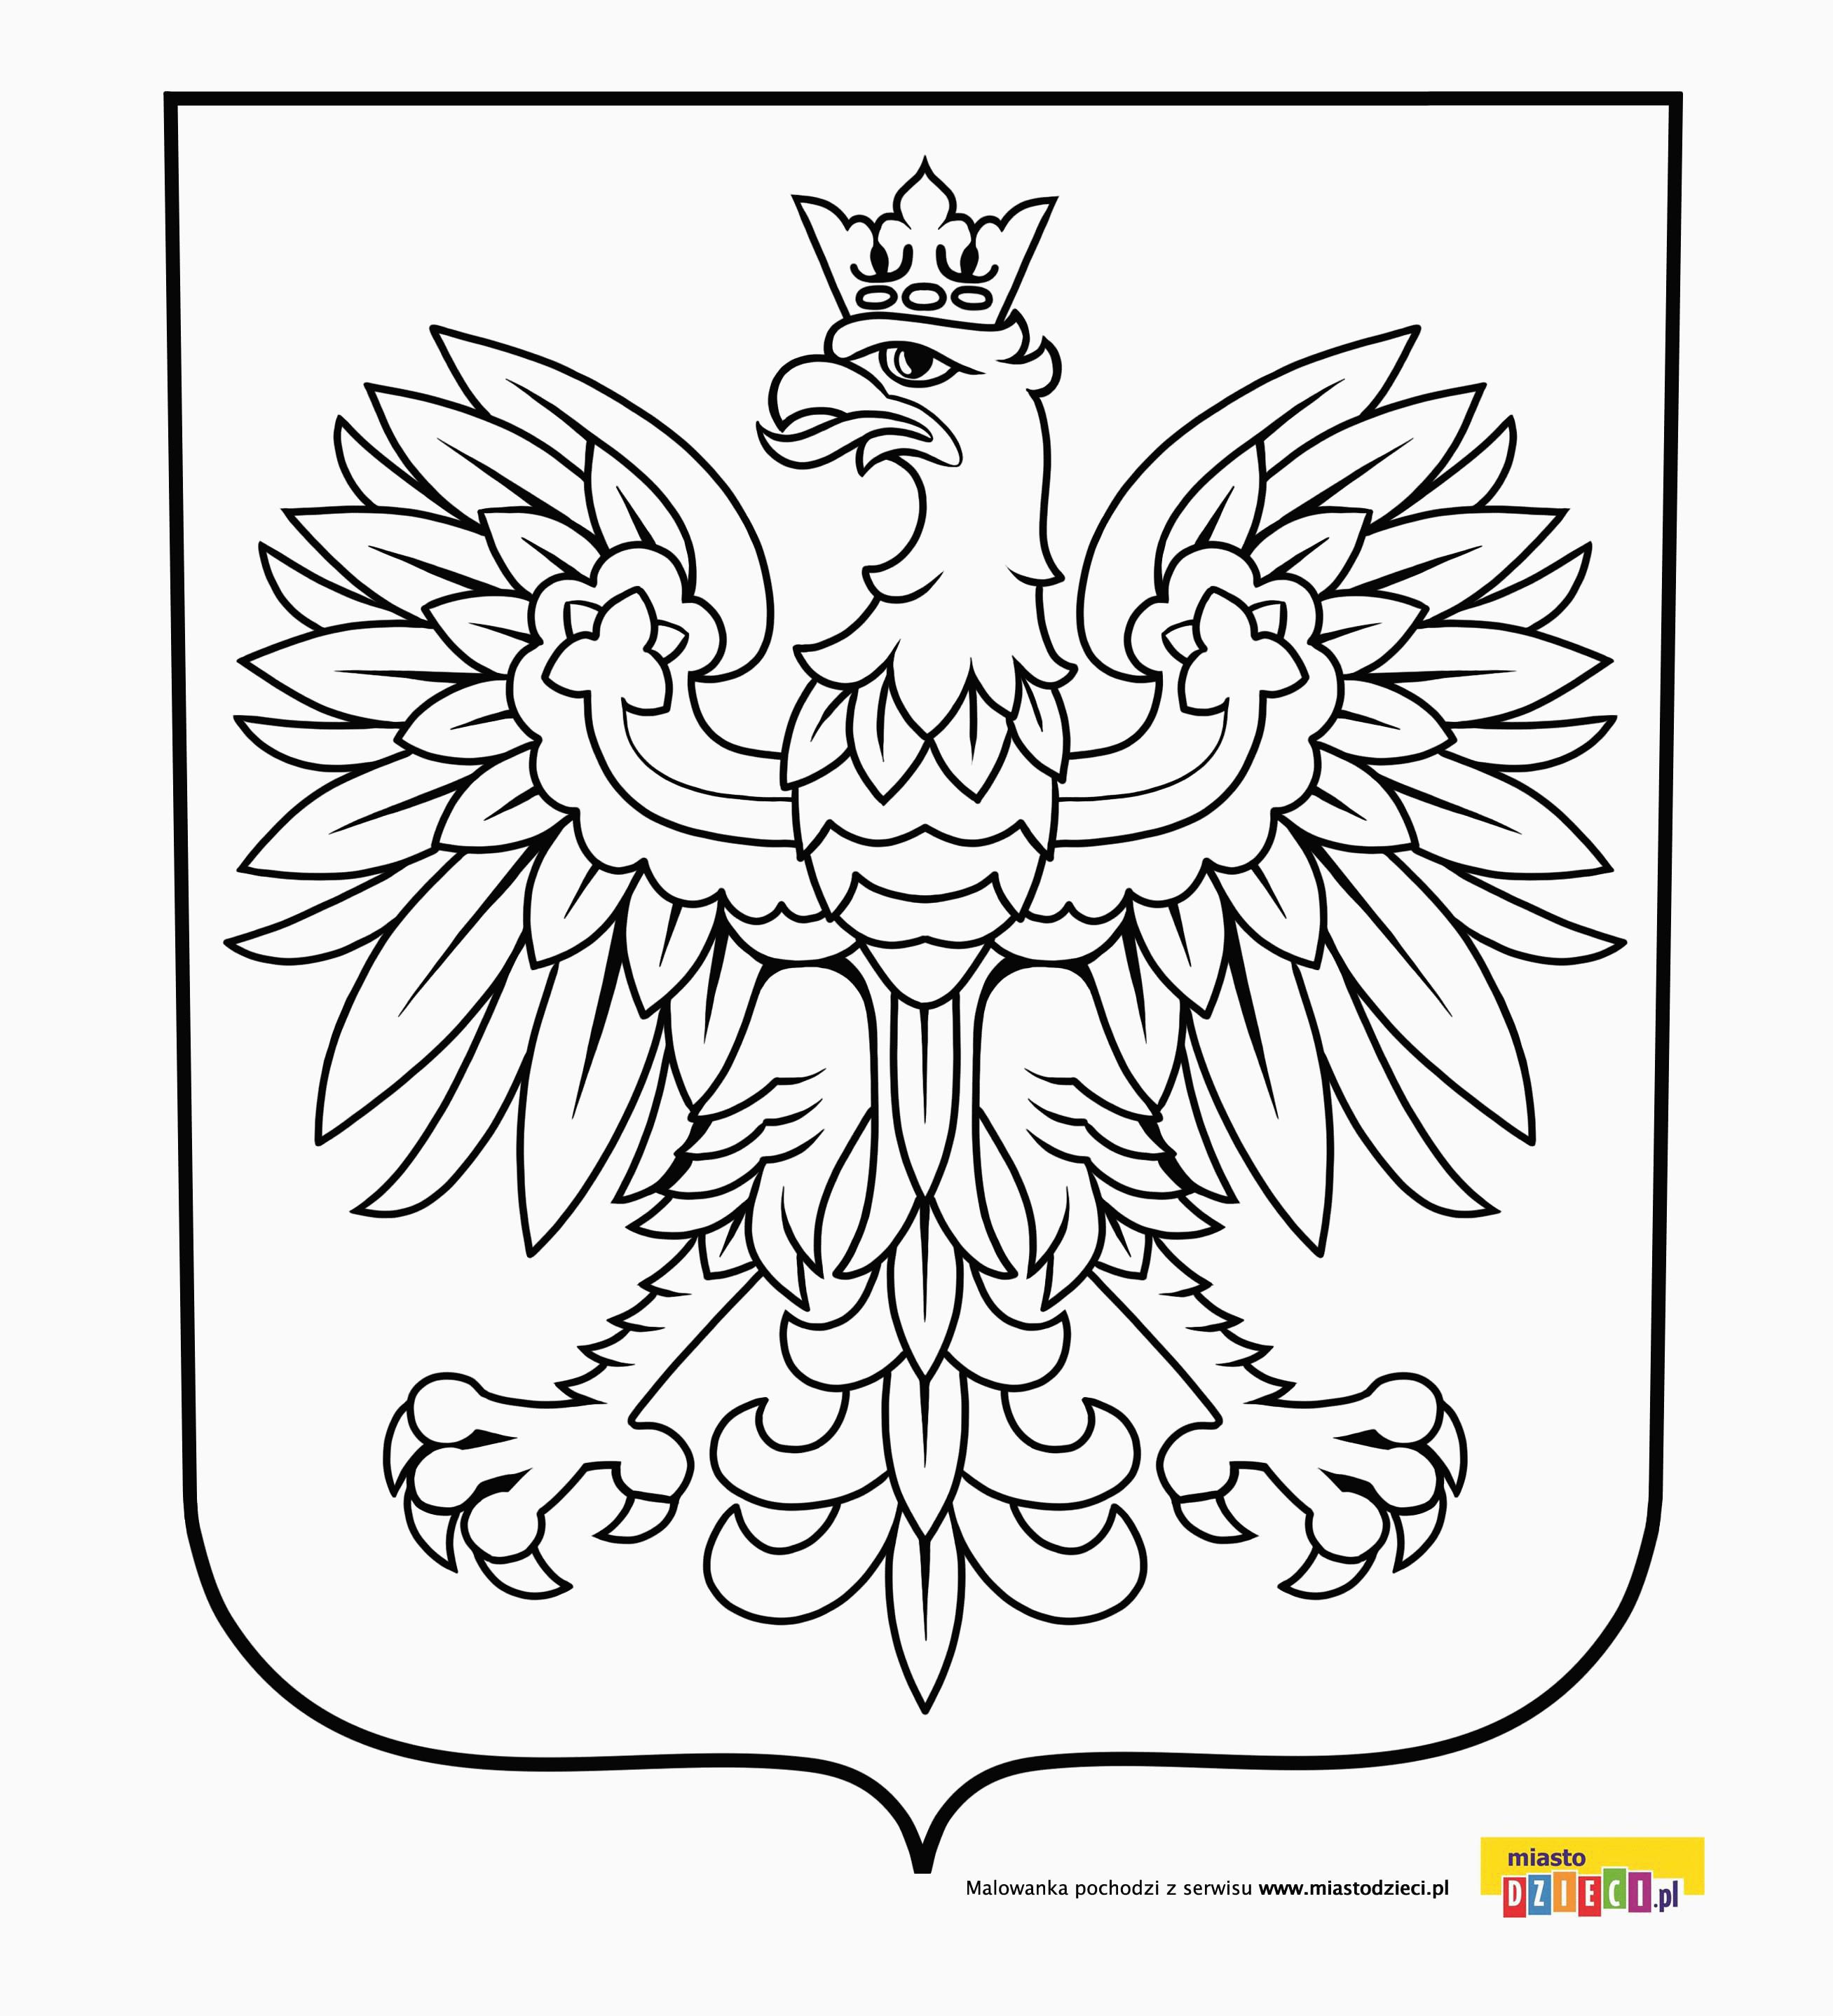 Godlo Polski Kolorowanka Orzel Bialy Herby Polskich Miast Malowanki Dla Dzieci Do Druku Polish Folk Art World Thinking Day Cute Coloring Pages